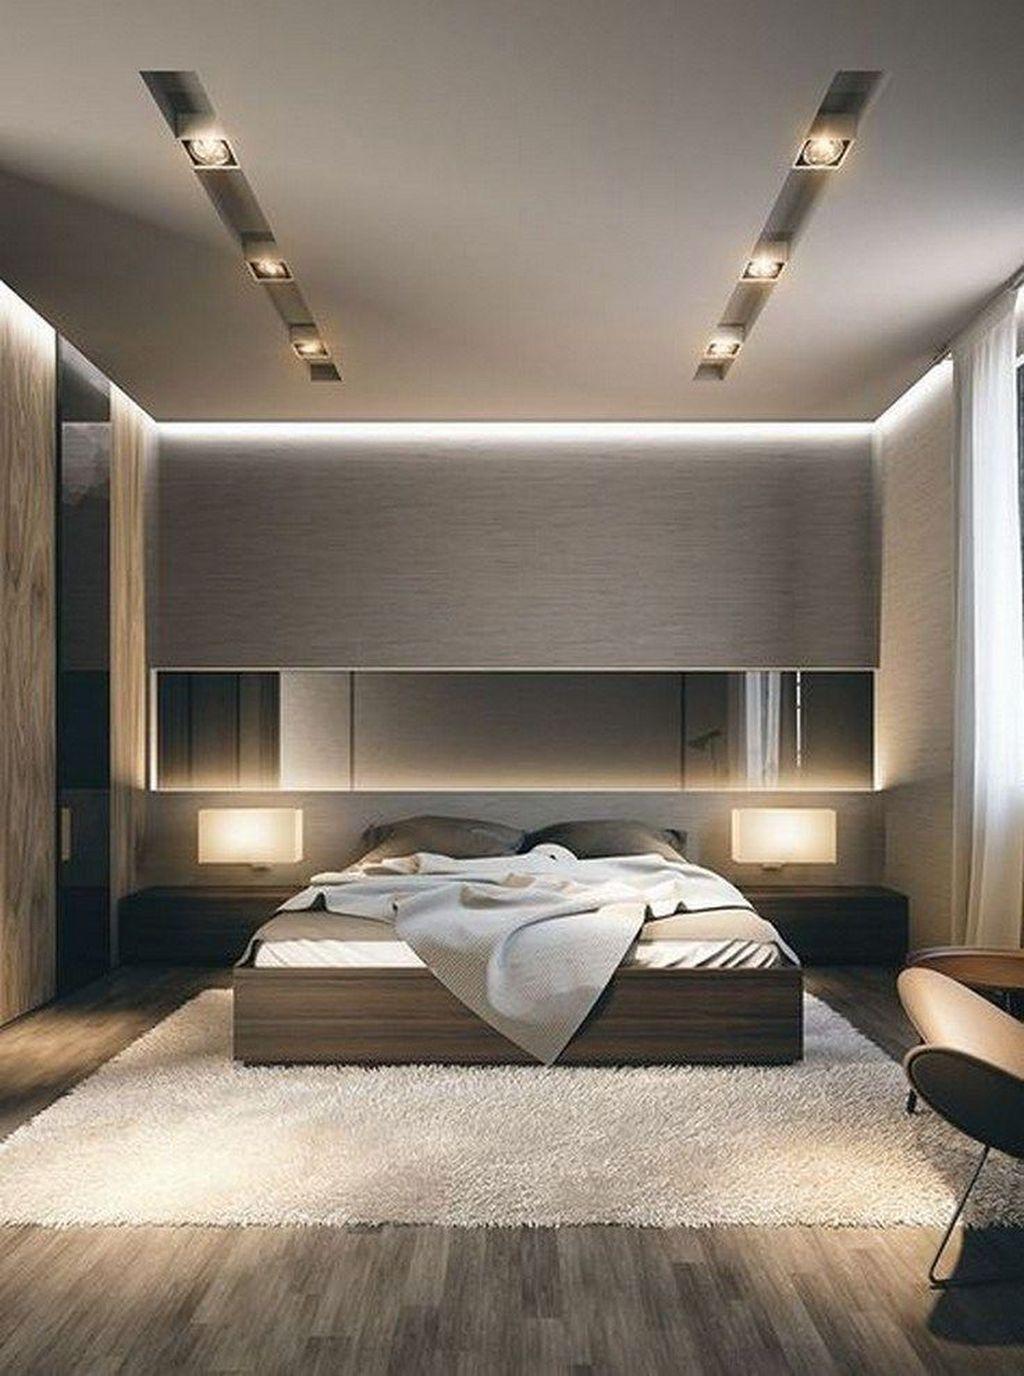 37 Unique And Simple Ceiling Design In 2020 Luxury Bedroom Design Amazing Bedroom Designs Modern Master Bedroom,Racing Helmet Designs